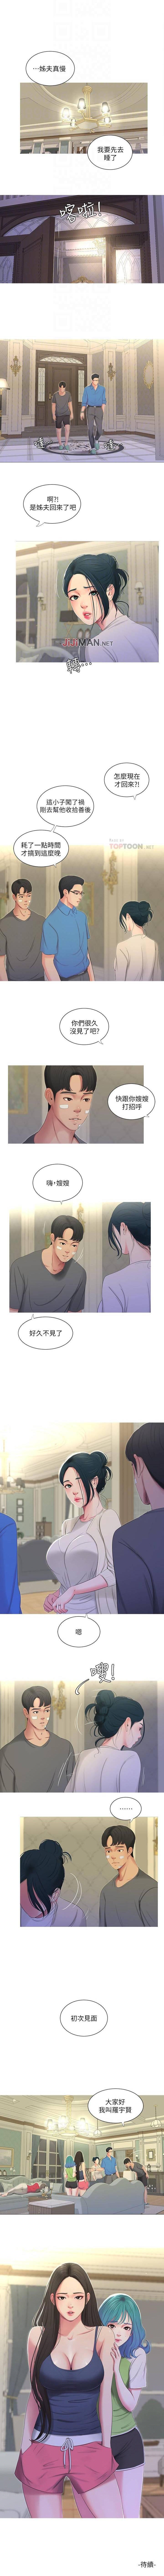 【周四连载】亲家四姐妹(作者:愛摸) 第1~37话 67